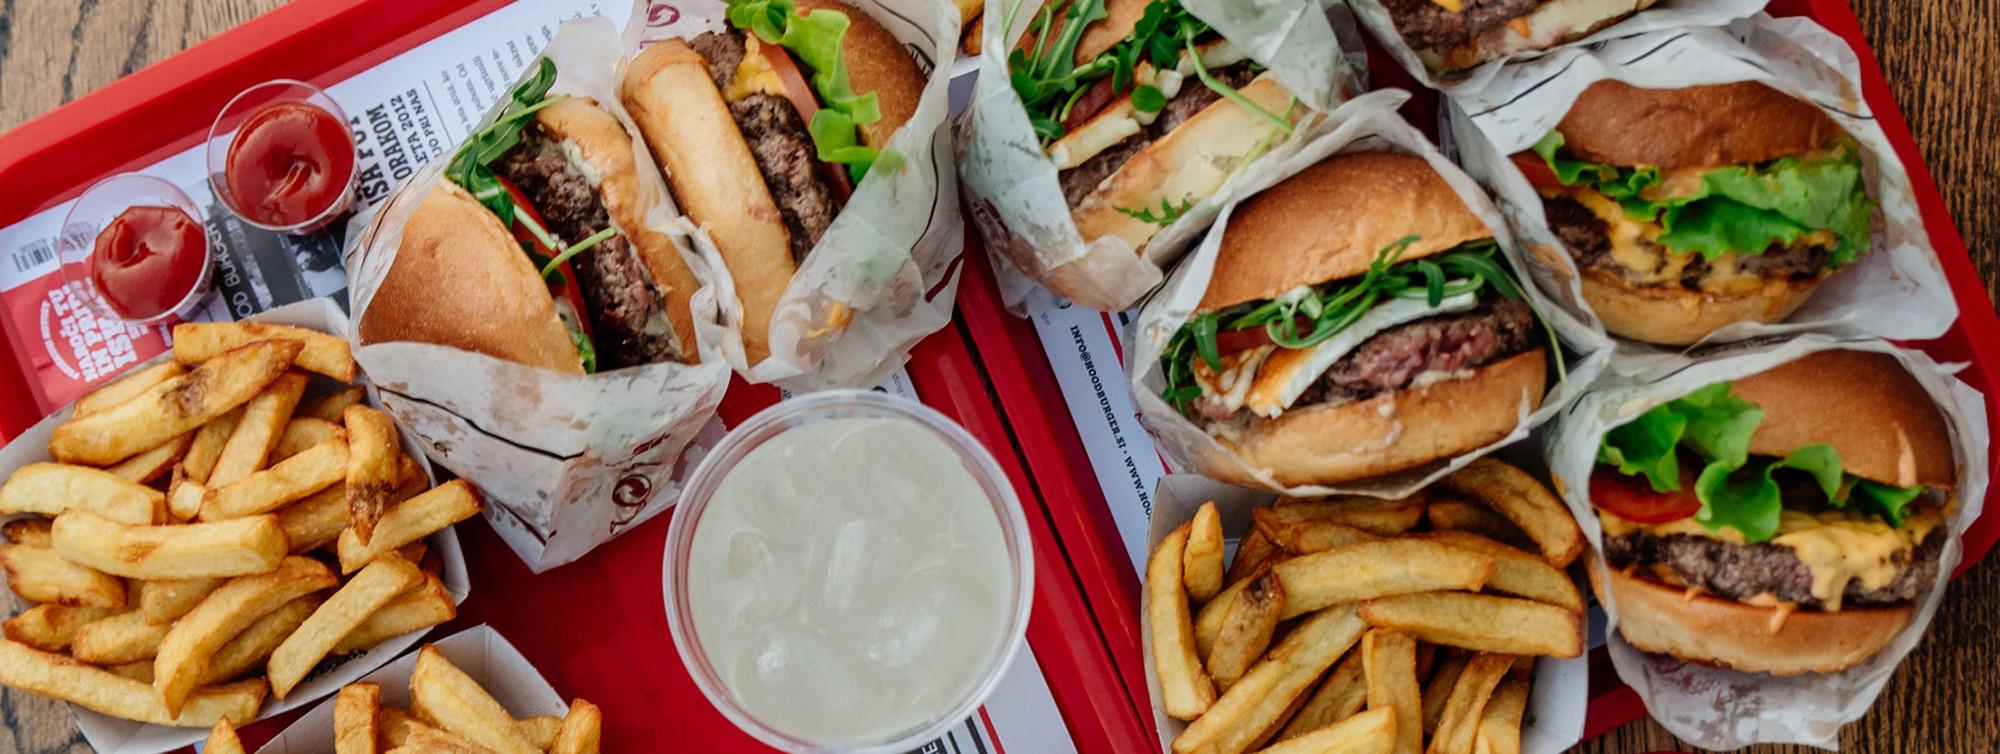 topviewburgers.jpg